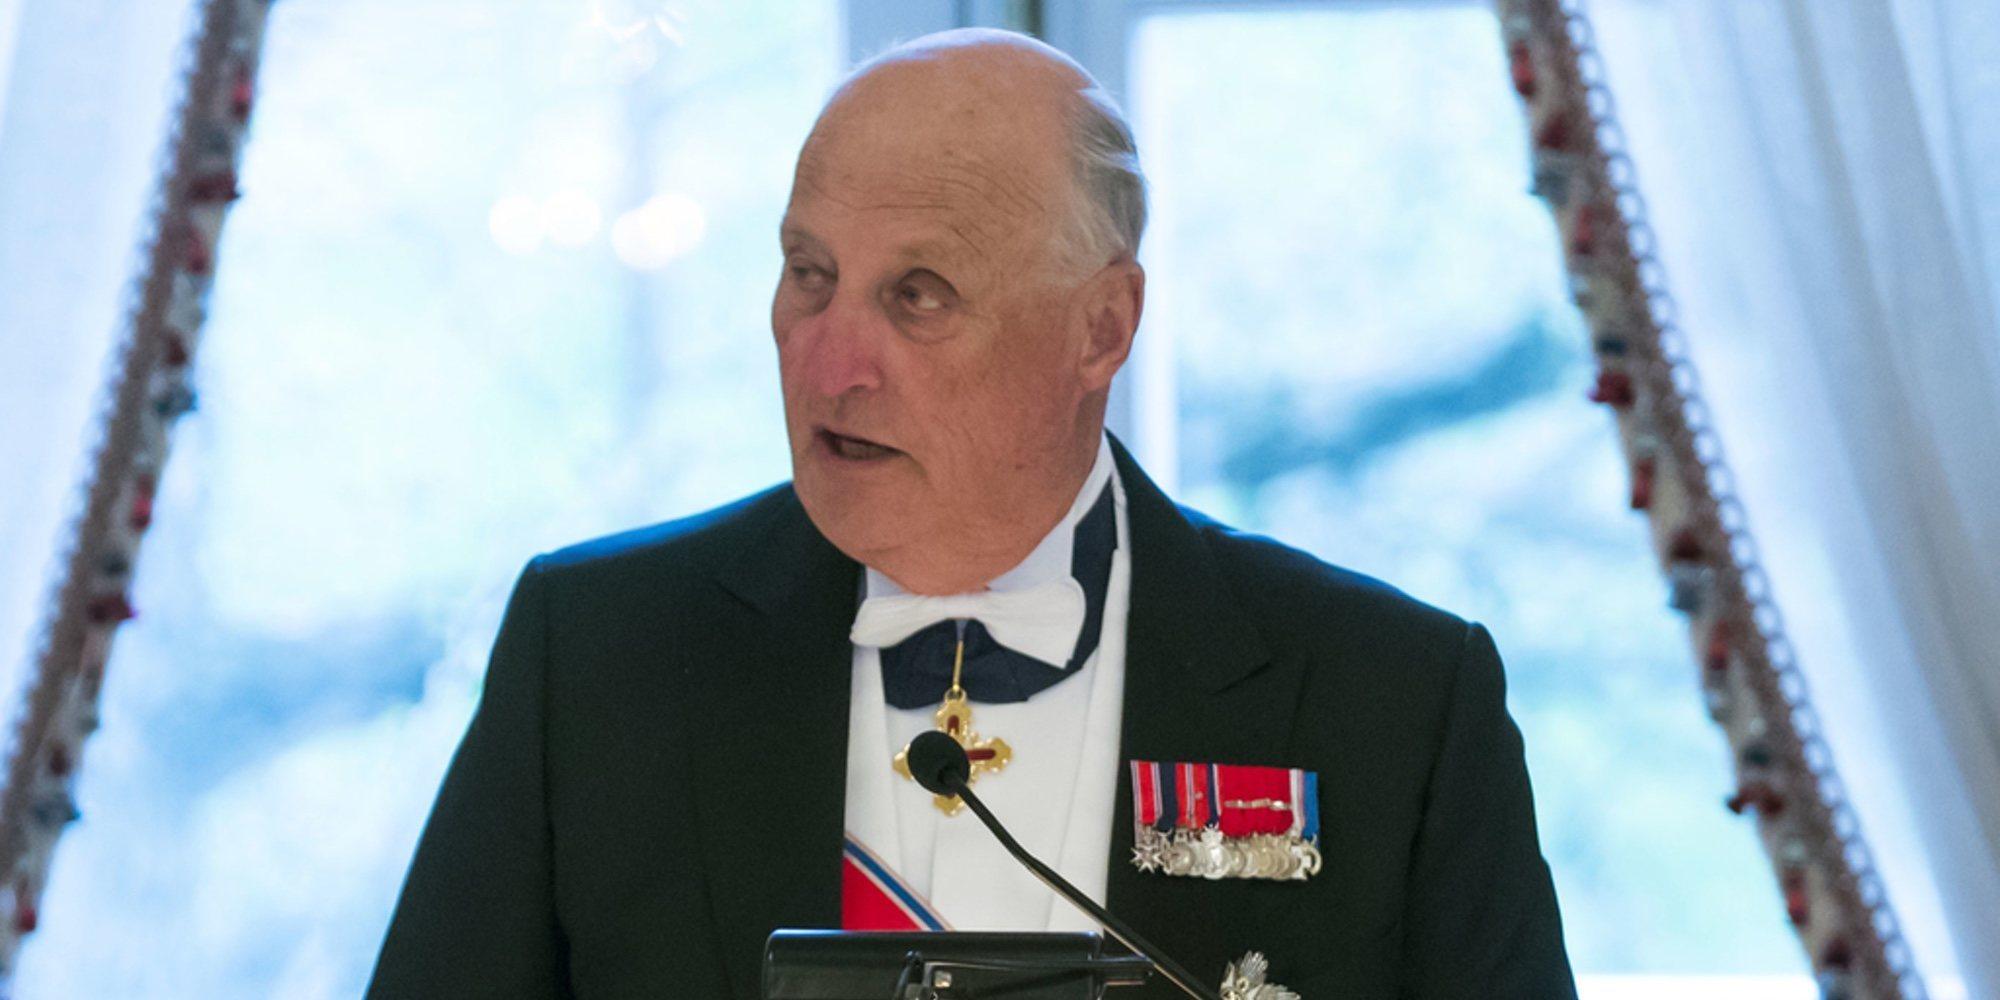 La Casa Real Noruega revela el motivo del ingreso de urgencia de Harald de Noruega